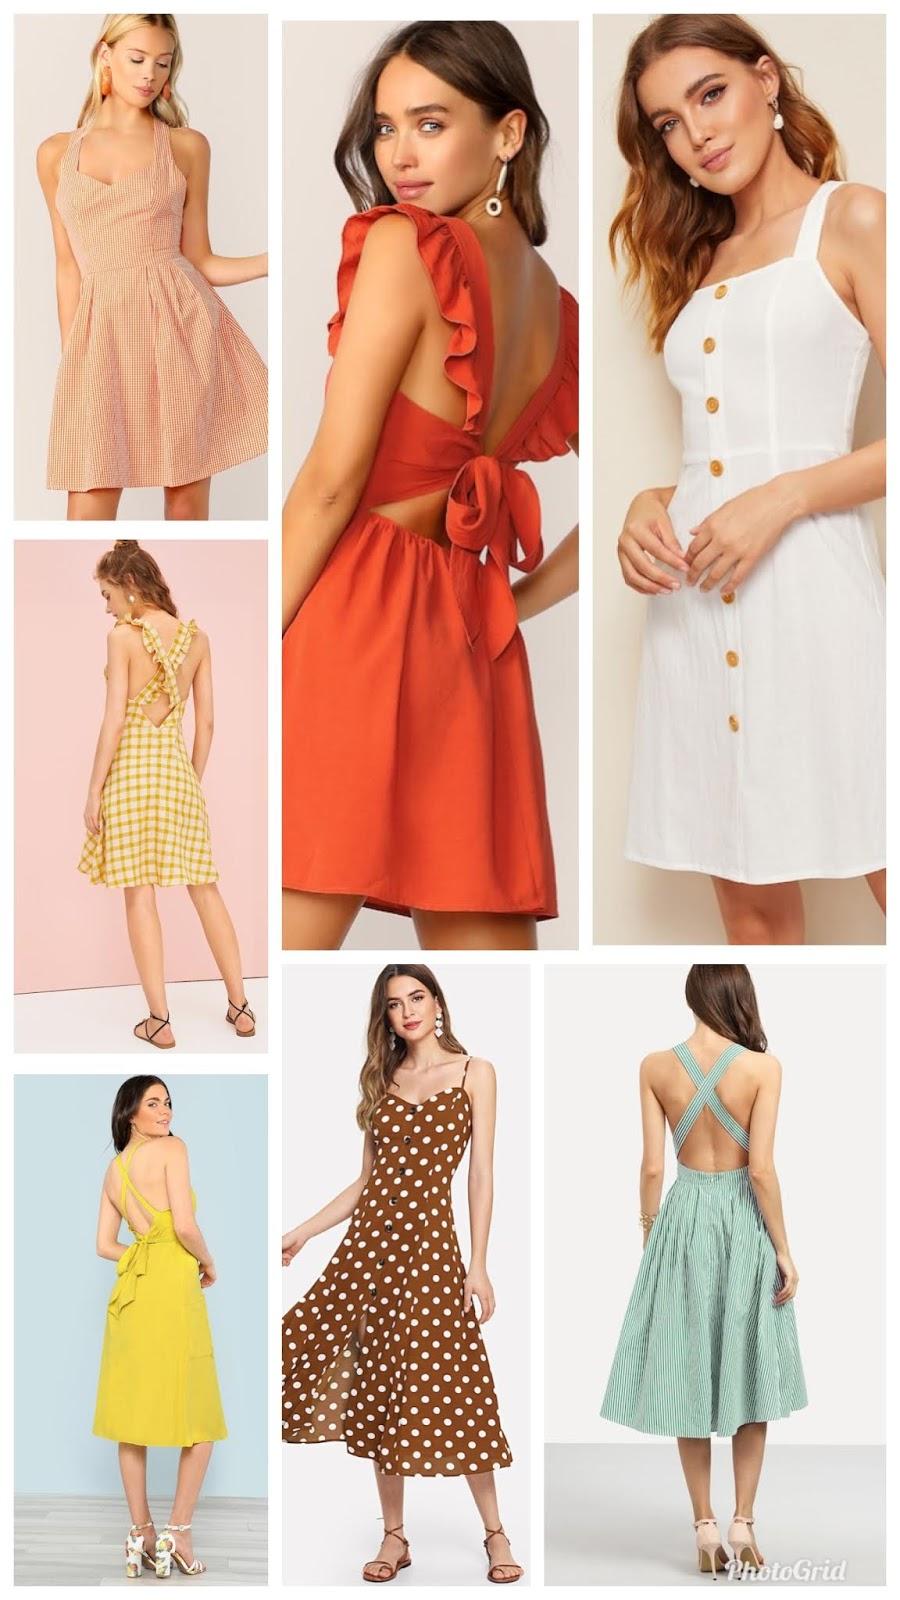 Criss cross back dresses